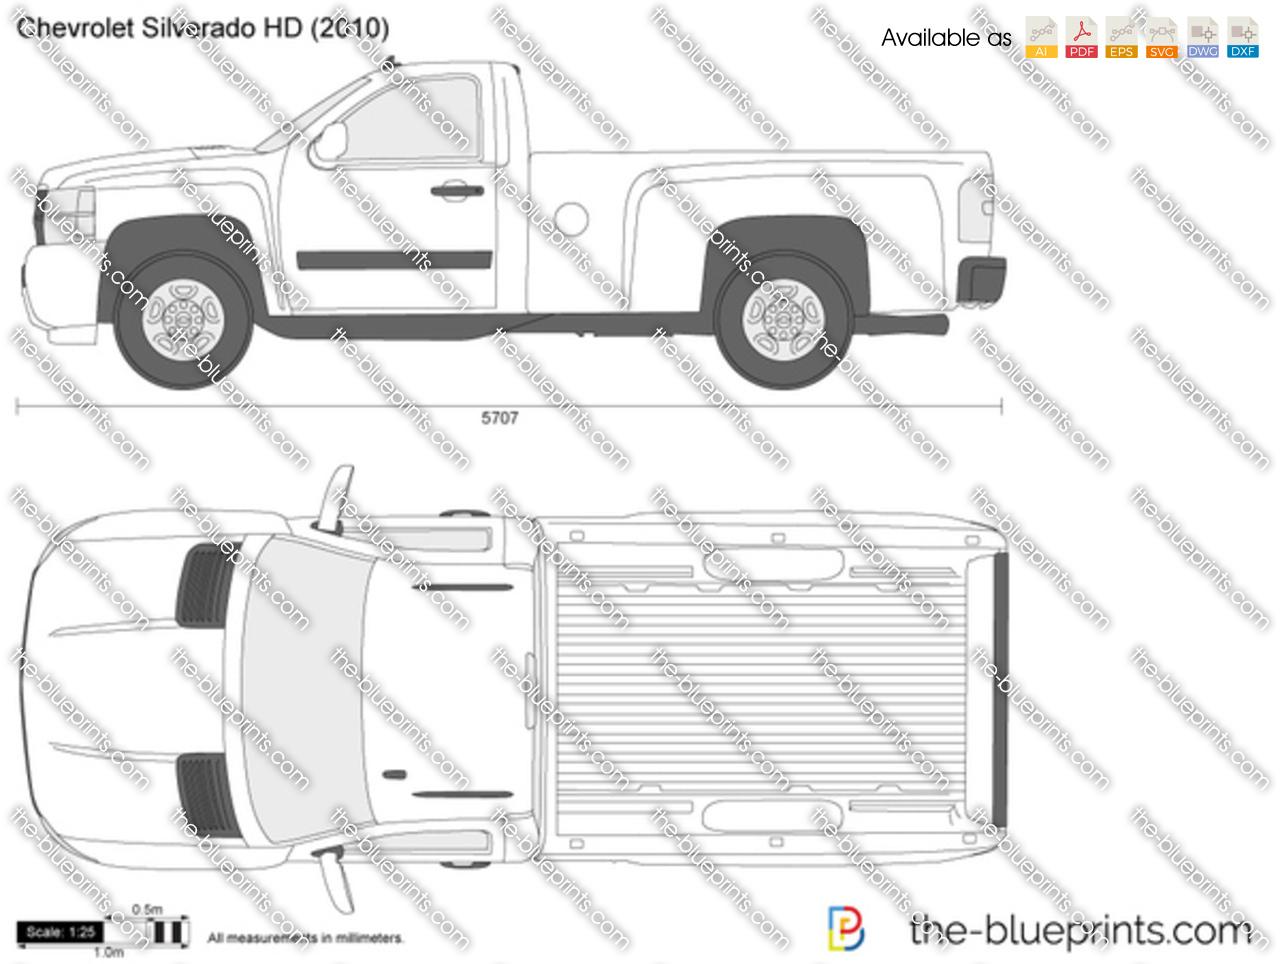 Chevrolet Silverado HD 2014